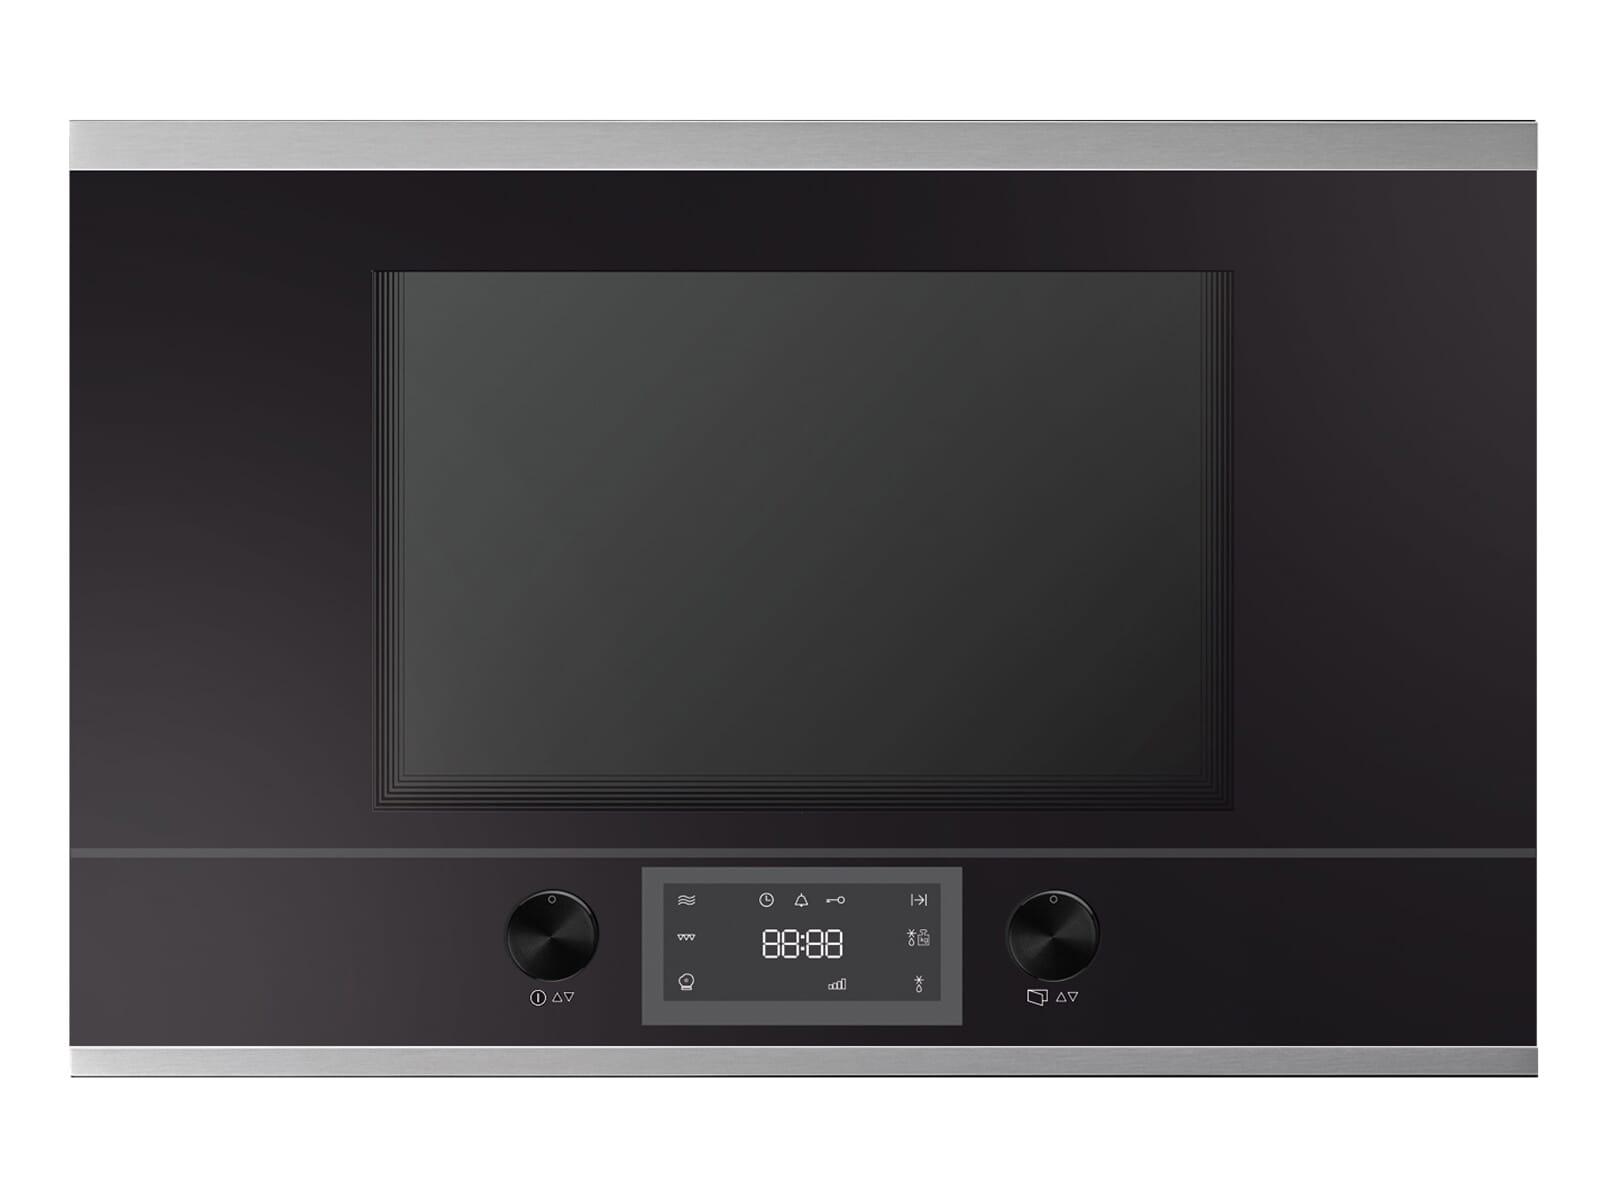 Küppersbusch ML 6330.0 S0 K-Series. 3 Einbau-Mikrowelle Schwarz/Edelstahl